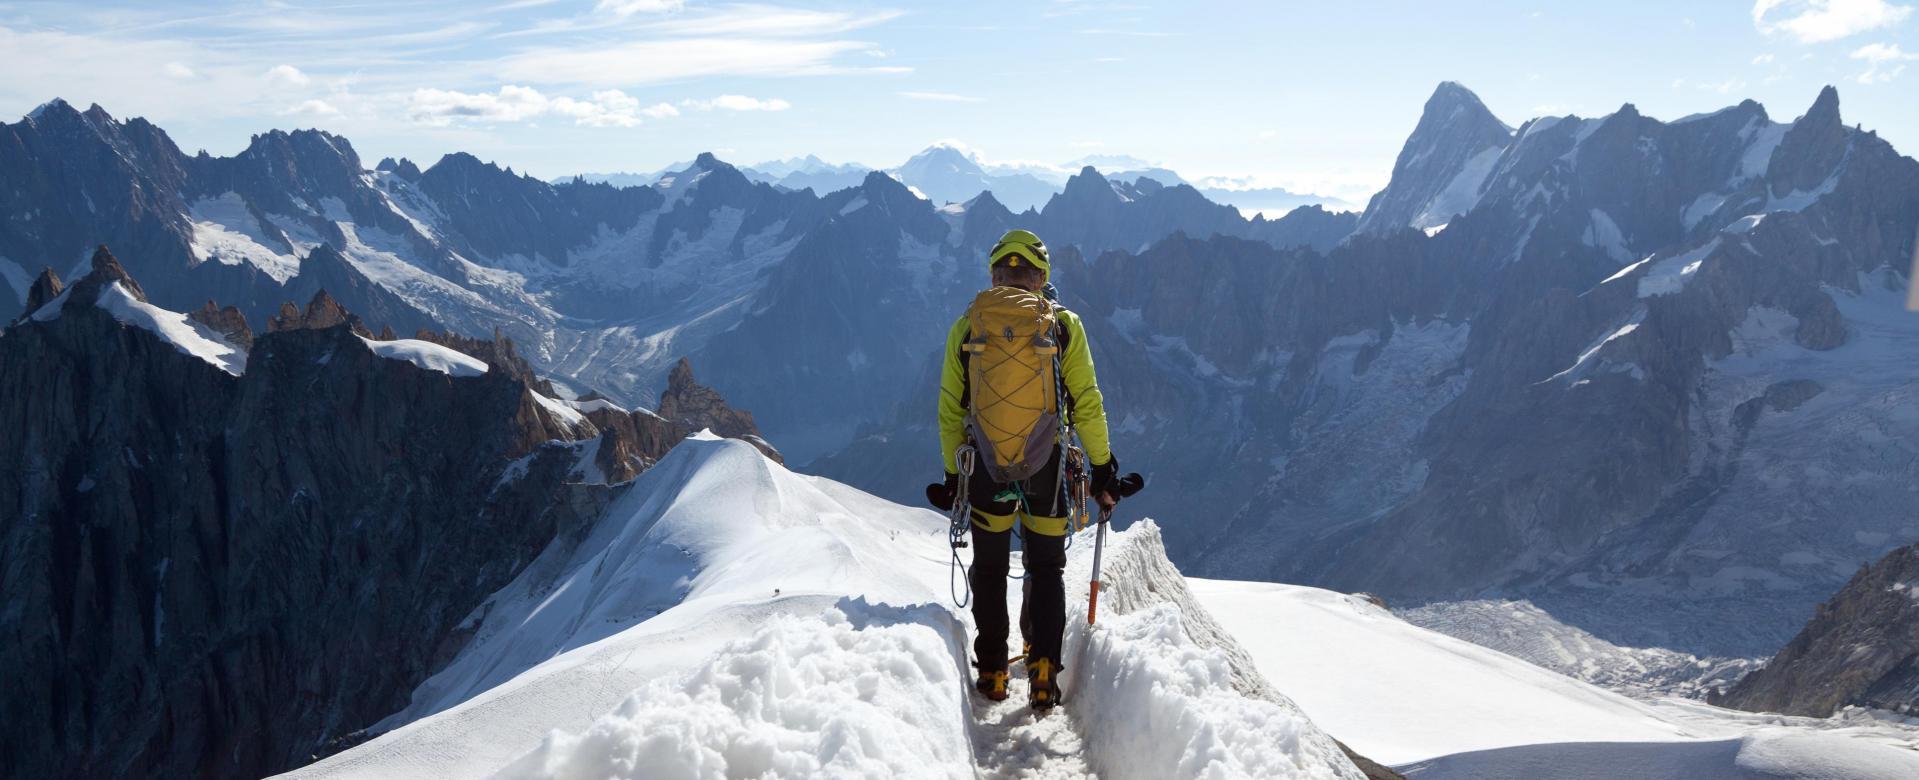 Voyage à pied France : La haute route du mont-blanc